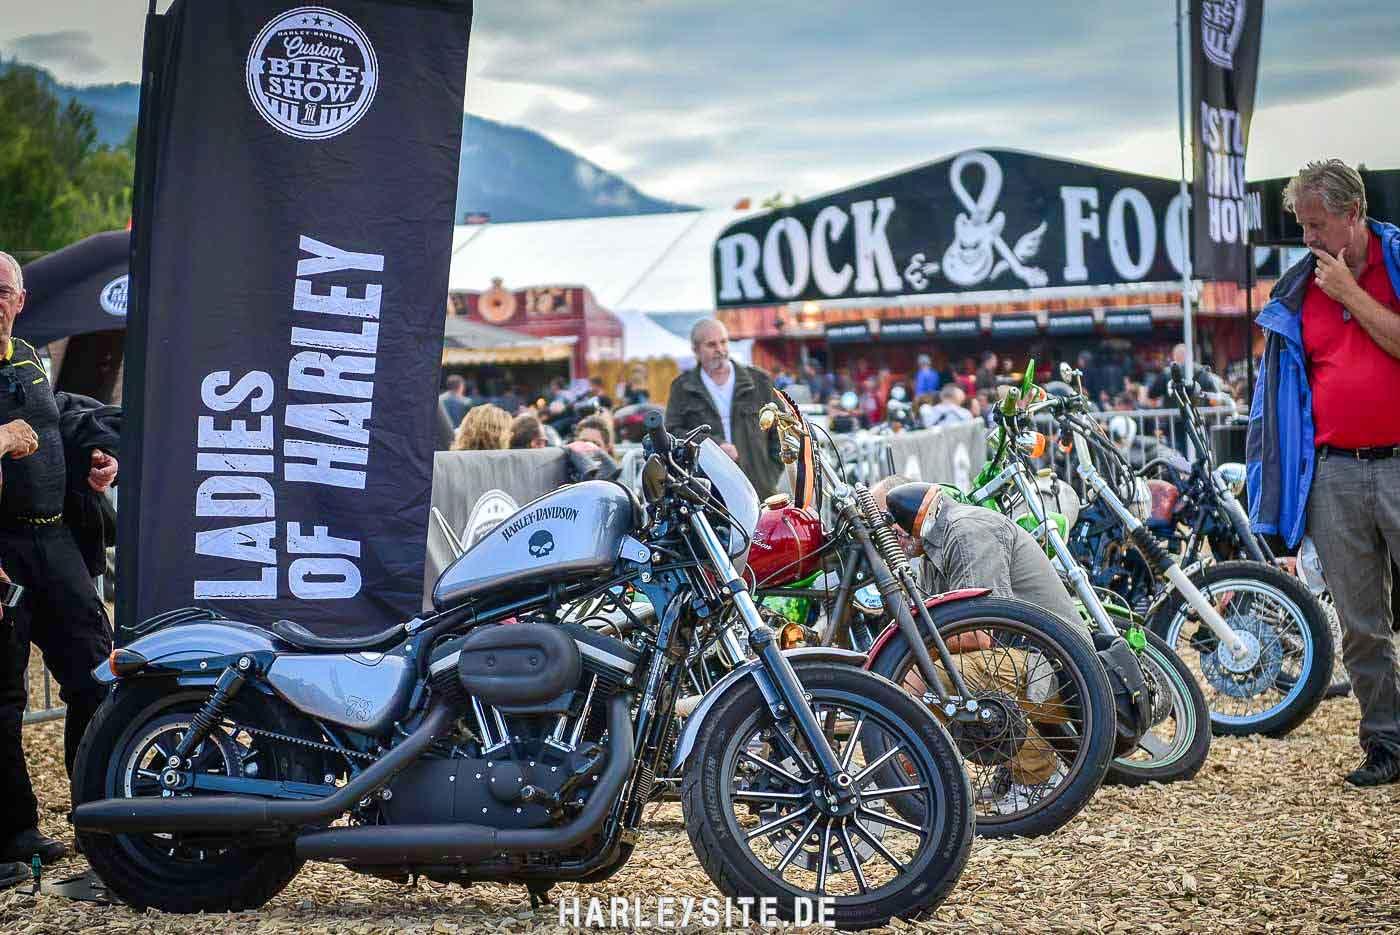 Harley-Davidson Bike Show 2018